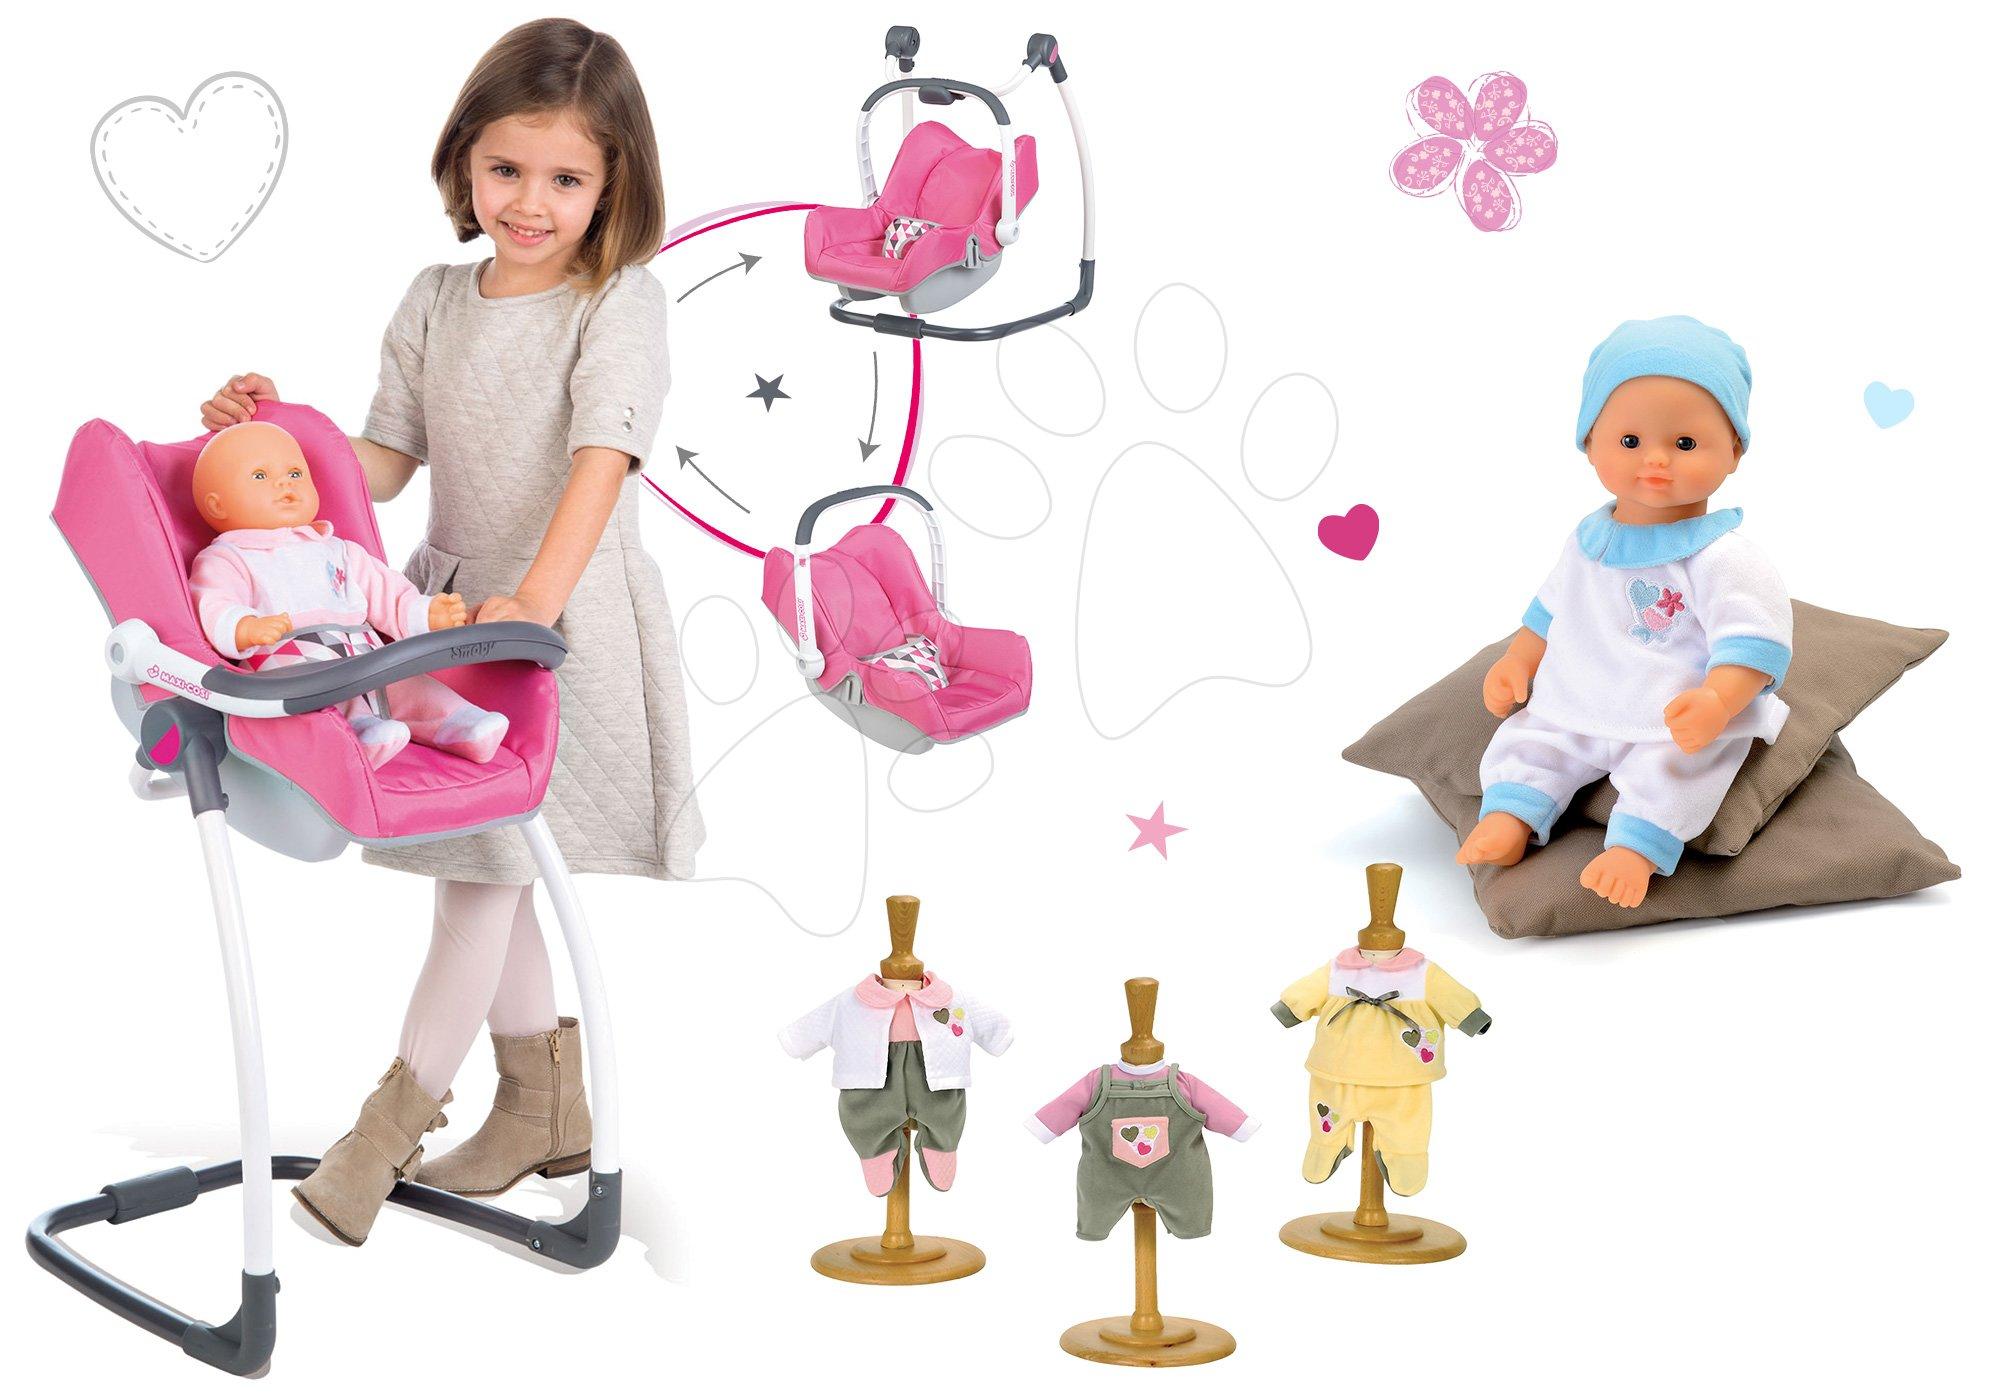 Kočíky pre bábiky sety - Set stolička, autosedačka a hojdačka pre bábiku retro Maxi Cosi & Quinny 3v1 Smoby bábika Baby Nurse 32 cm a 3 šiat